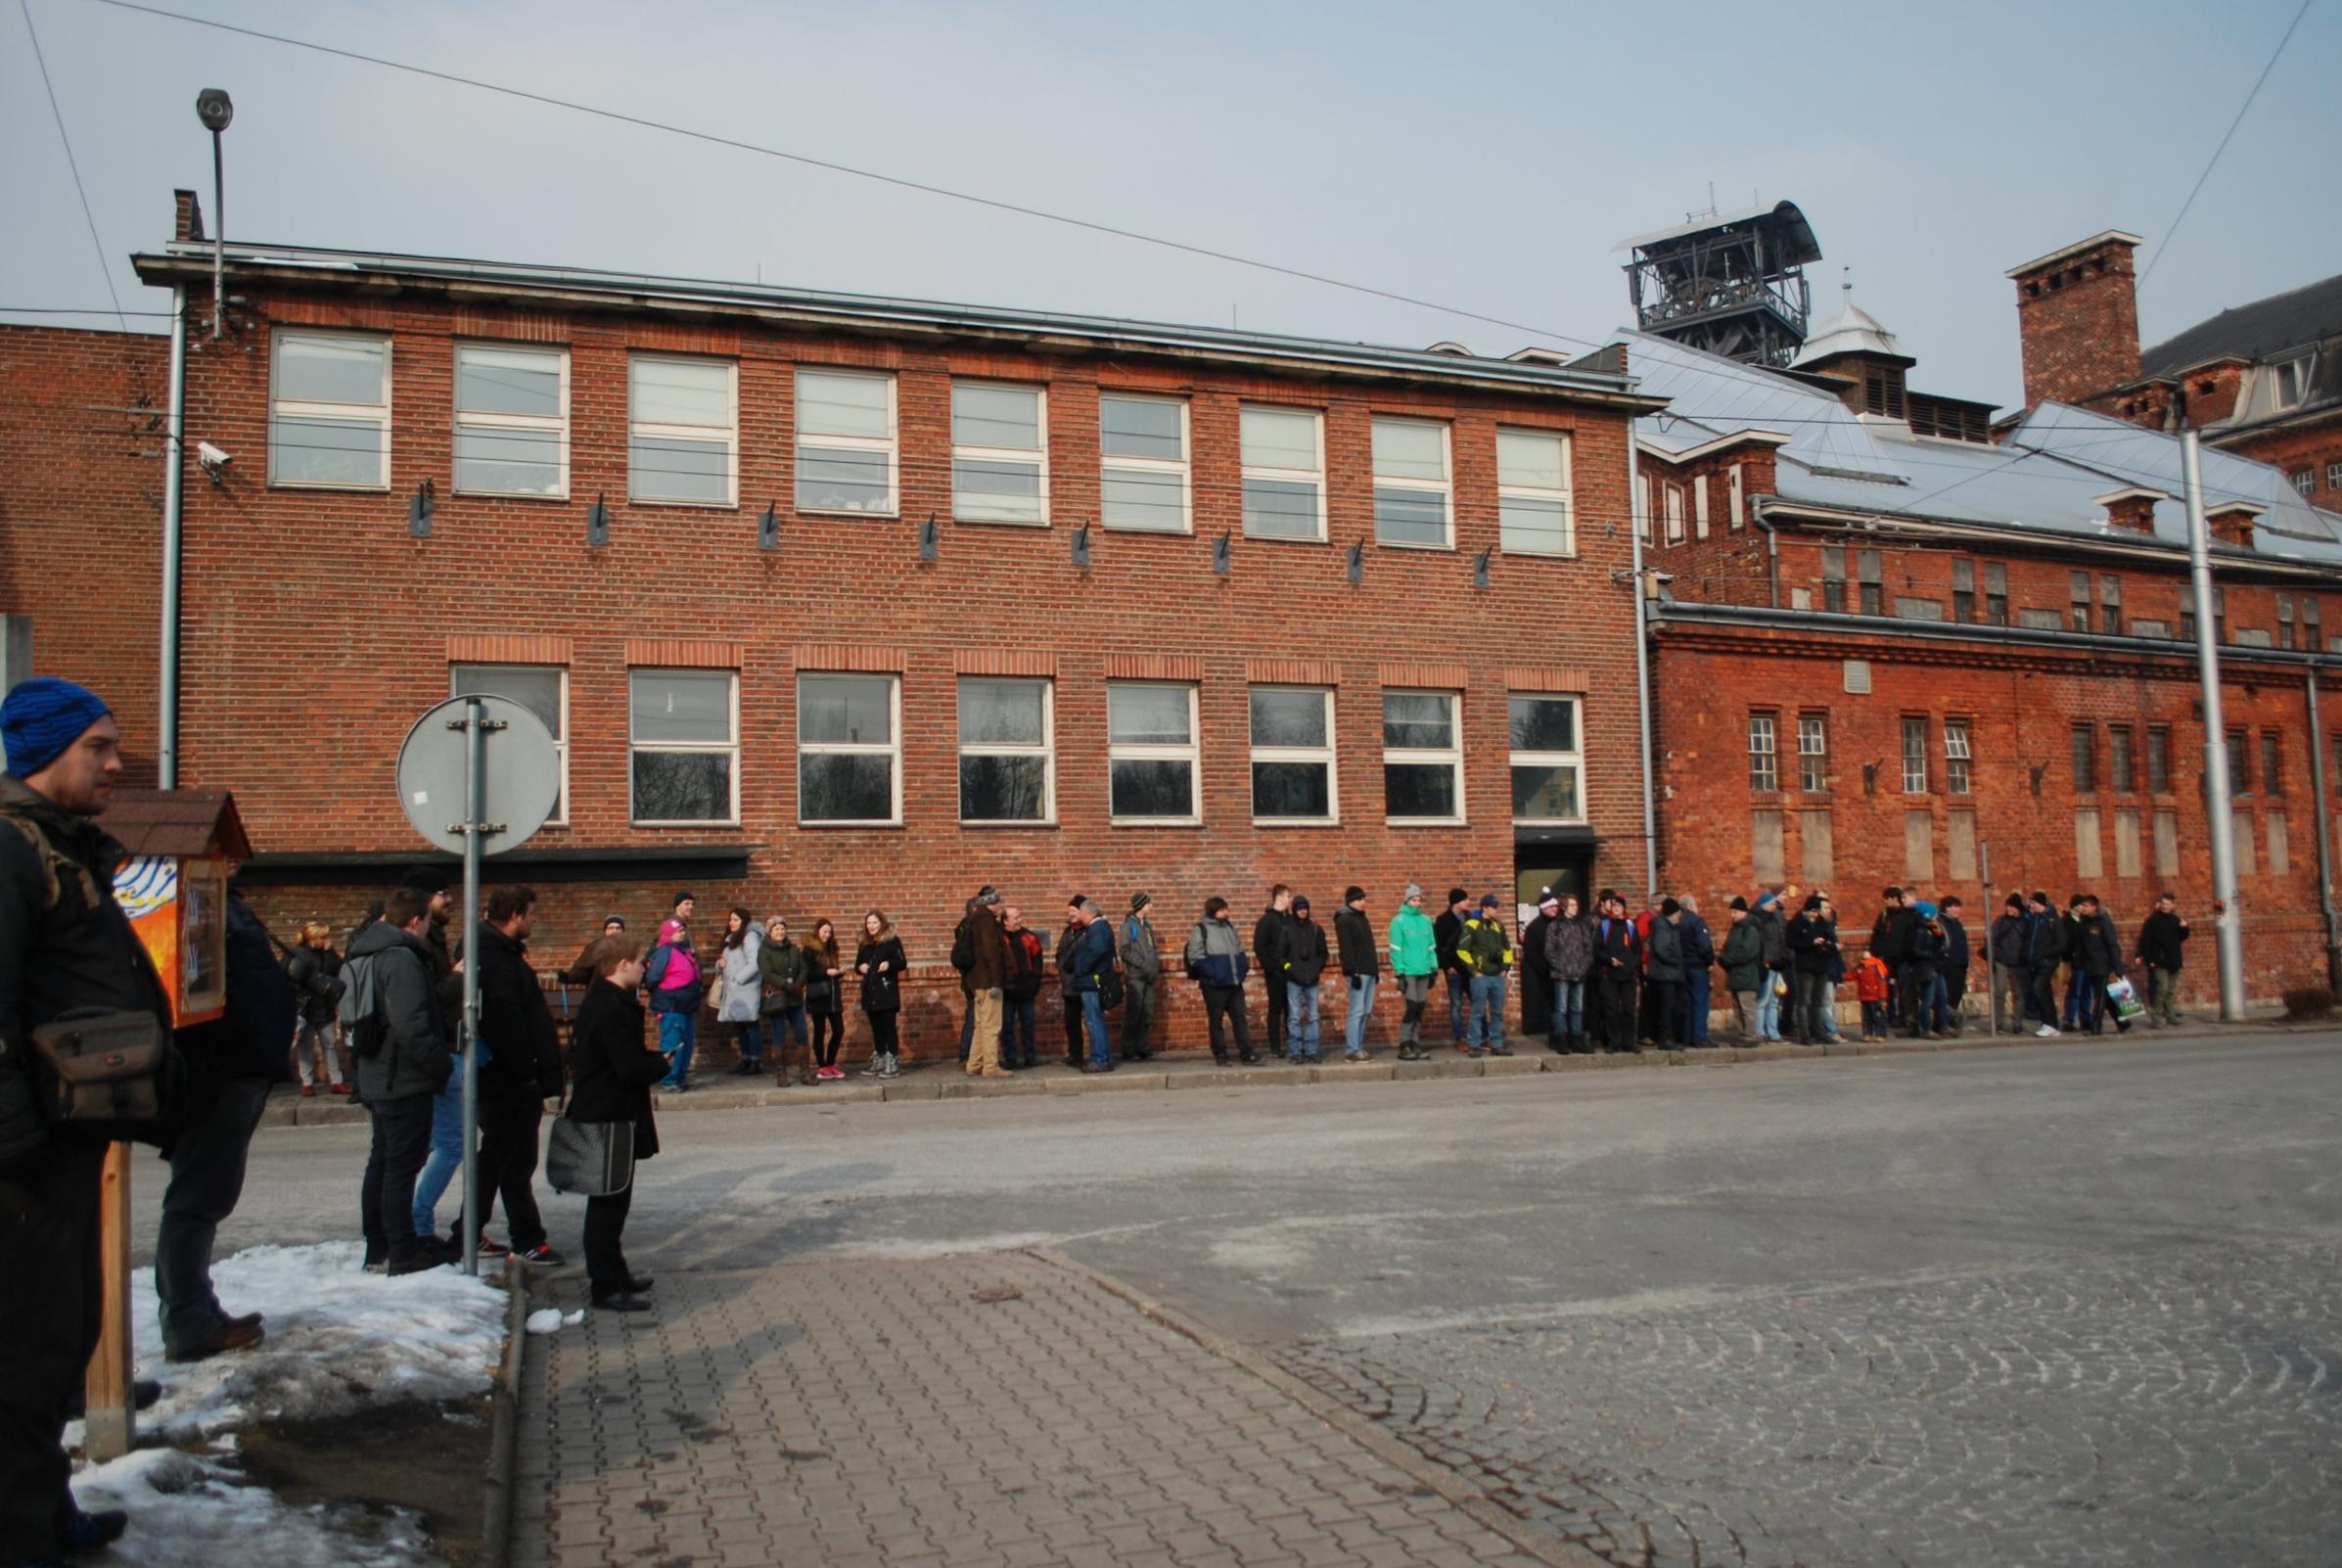 Fanoušci dopravy čekají na poslední spoj trolejbusu Škoda 15 Tr na nástupní zastávce Michálkovice. (foto: Libor Hinčica)